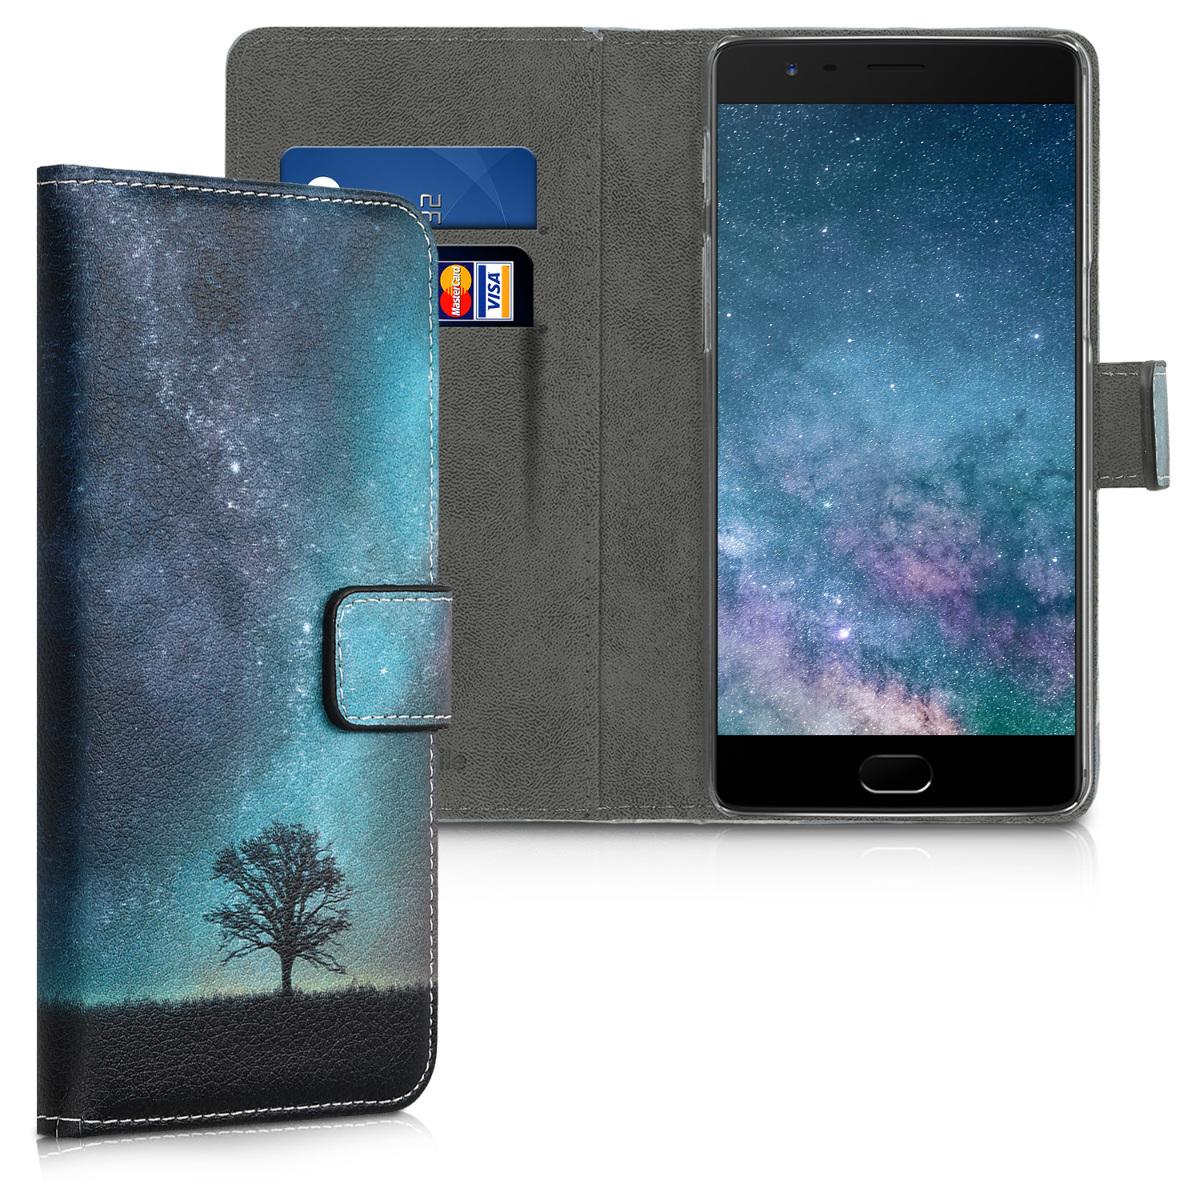 KW Θήκη - Πορτοφόλι OnePlus 3 / 3T - Blue / Grey / Black Canvas (39742.04)